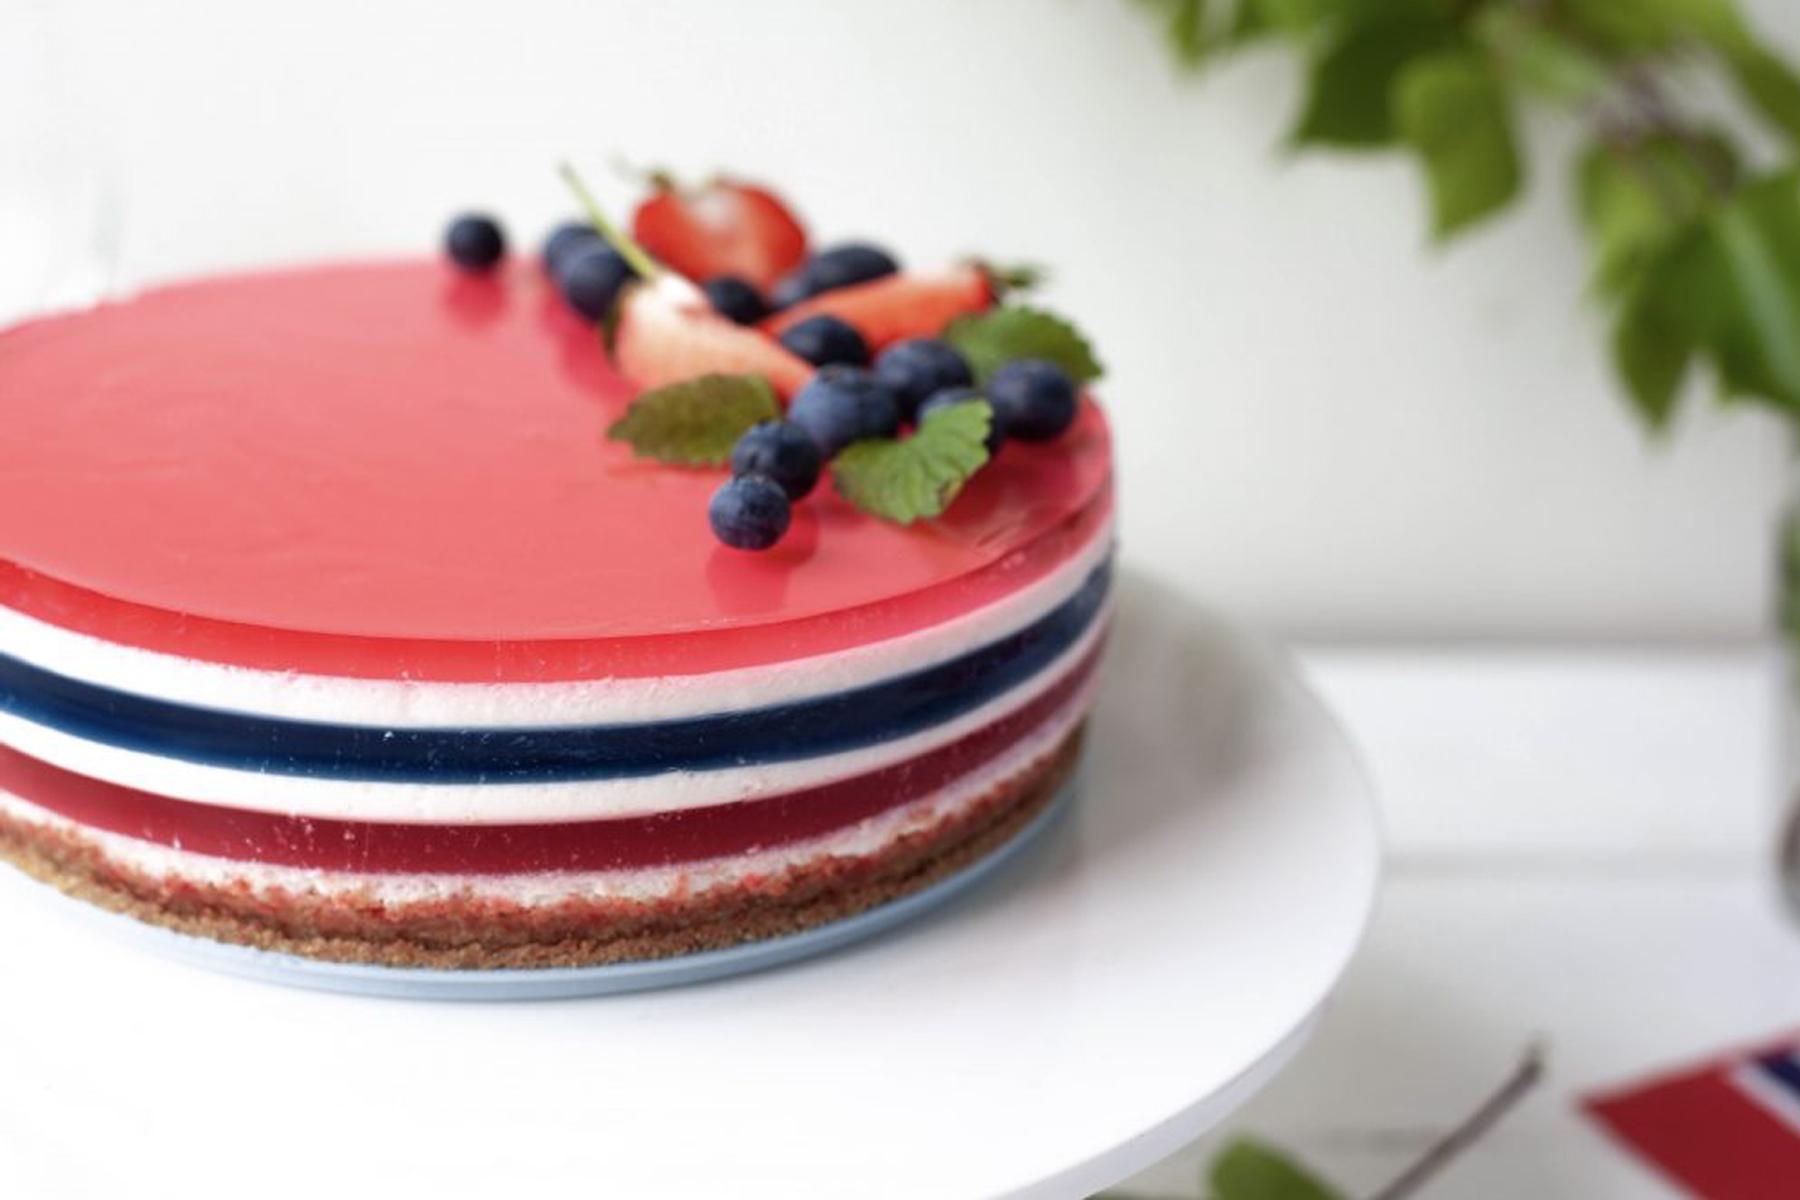 17. mai kake med tre lag